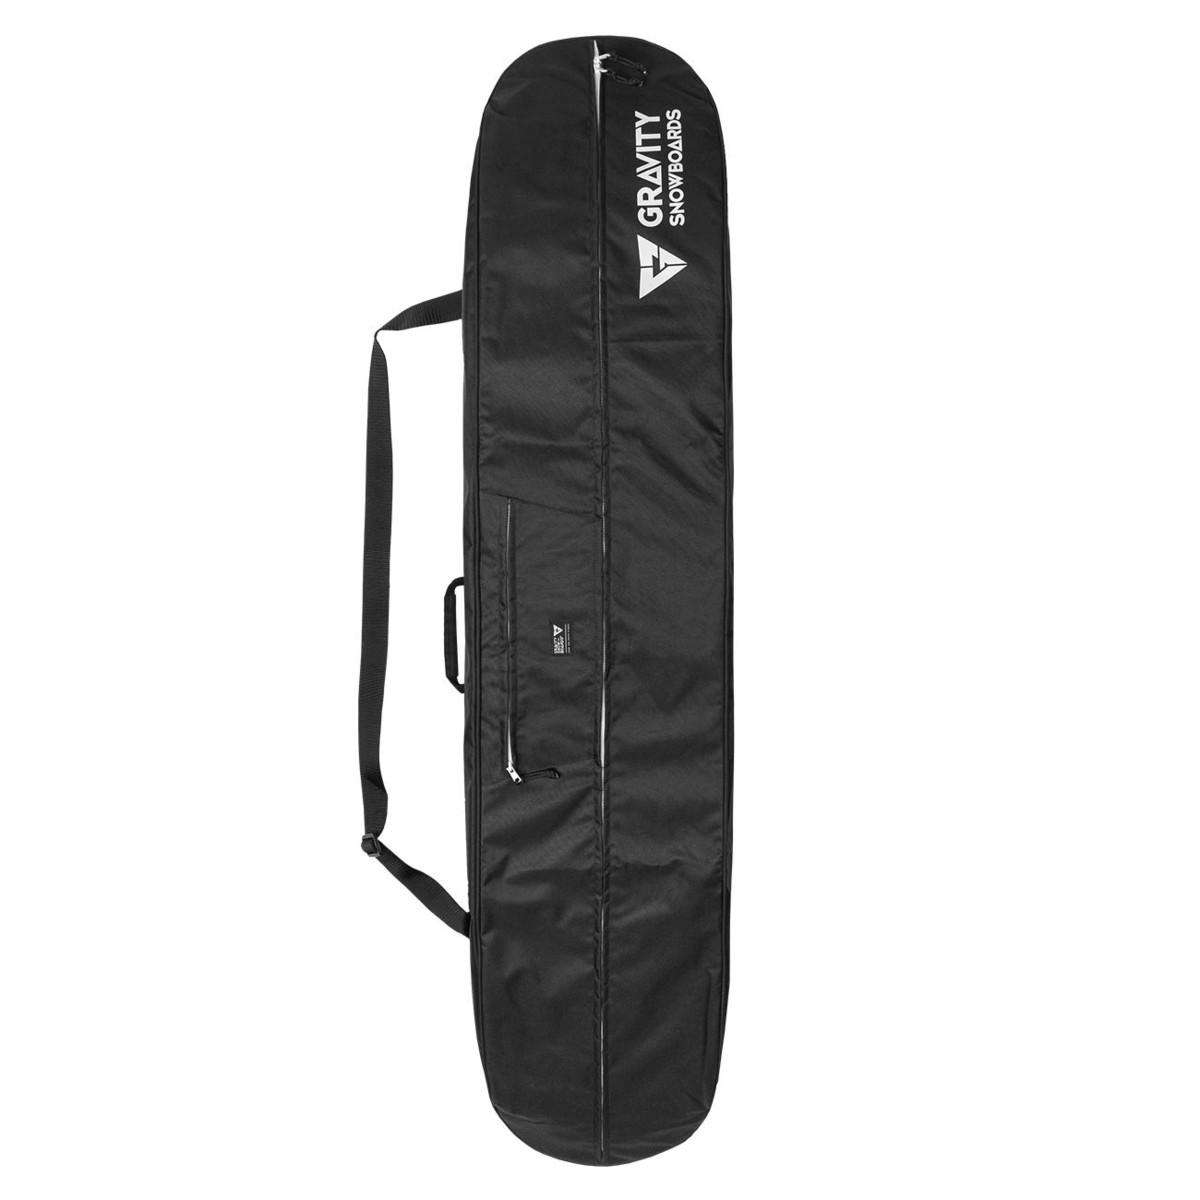 Obal na snowboard Gravity Icon 18/19 175 cm